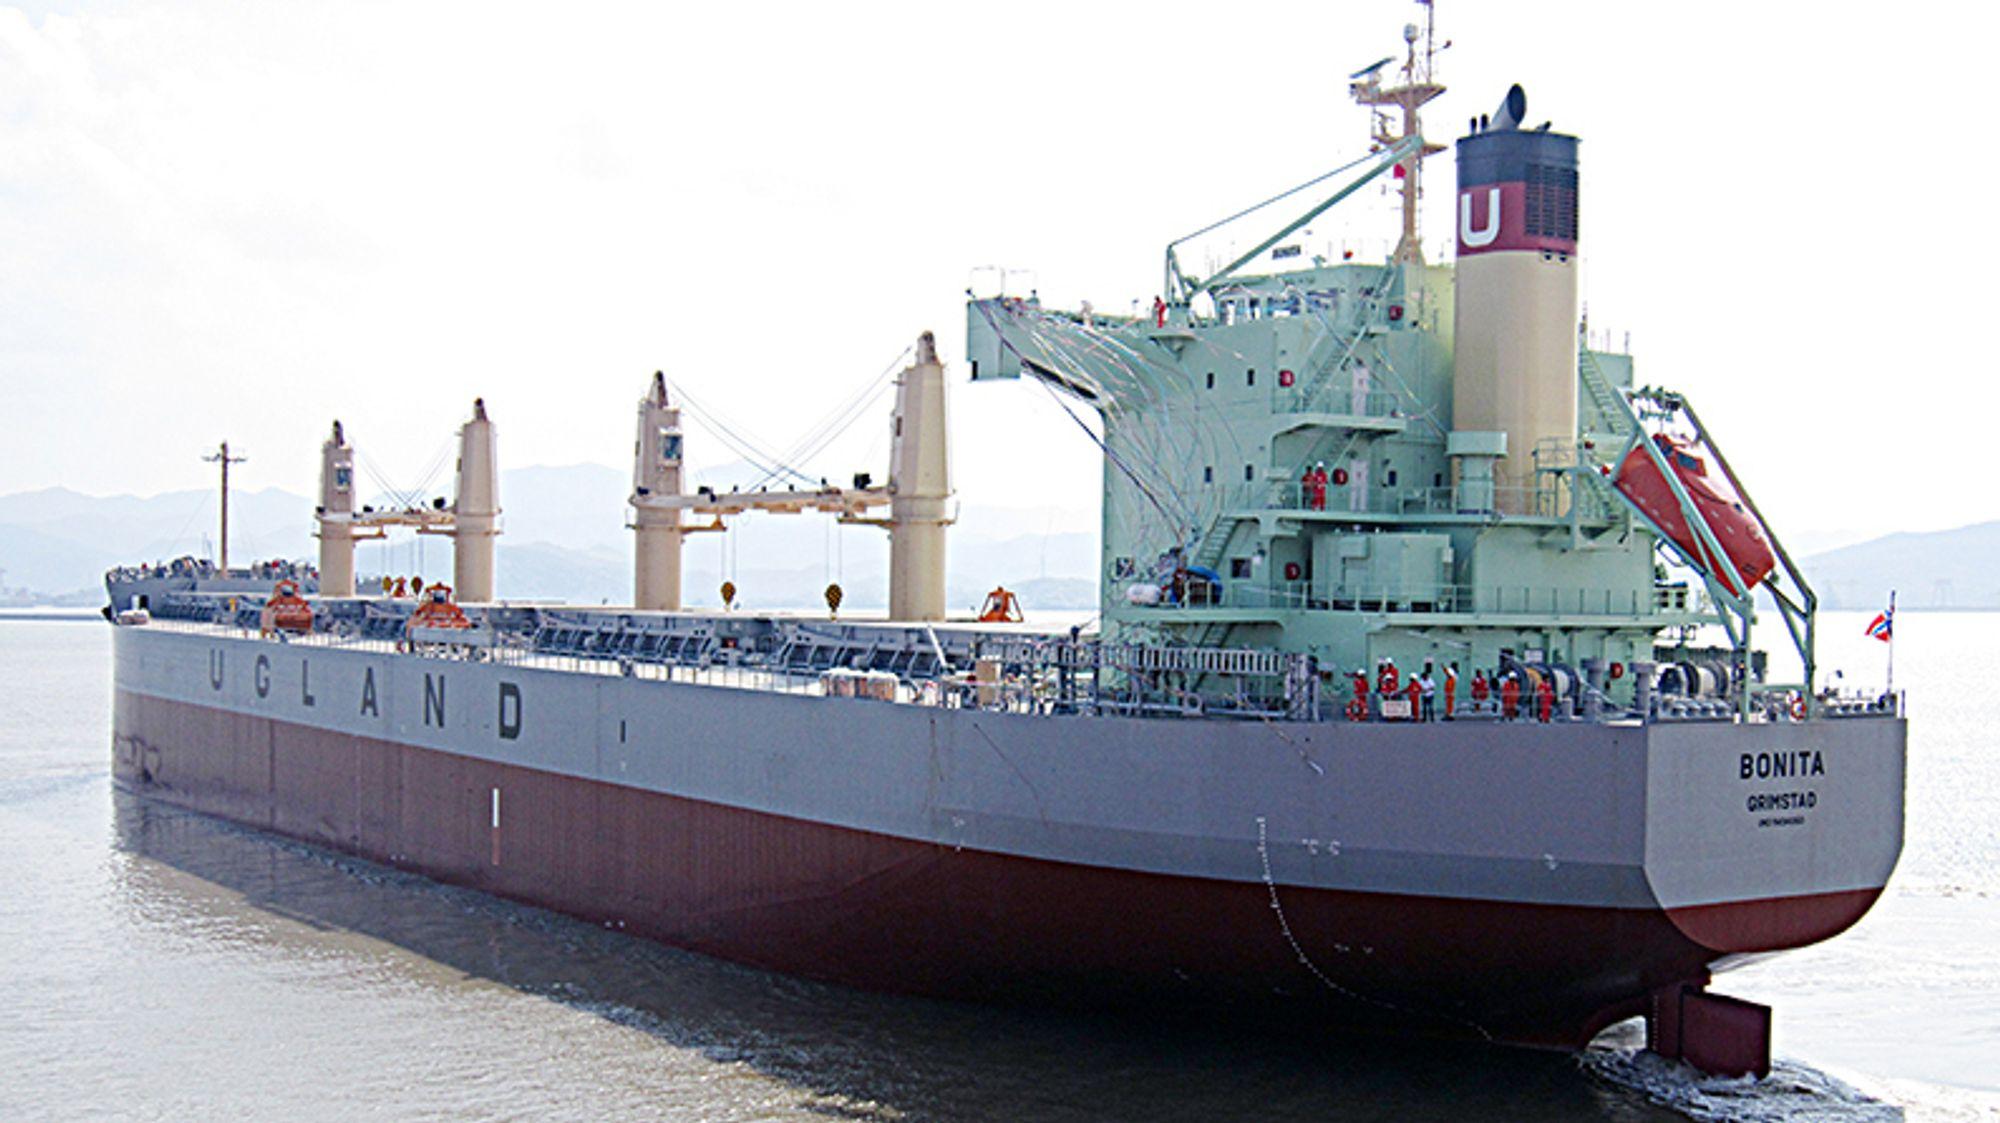 Arkivbilde av det norske skipet Bonita, som er eid av Ugland-rederiet og ble kapret utenfor Benin i Vest-Afrika